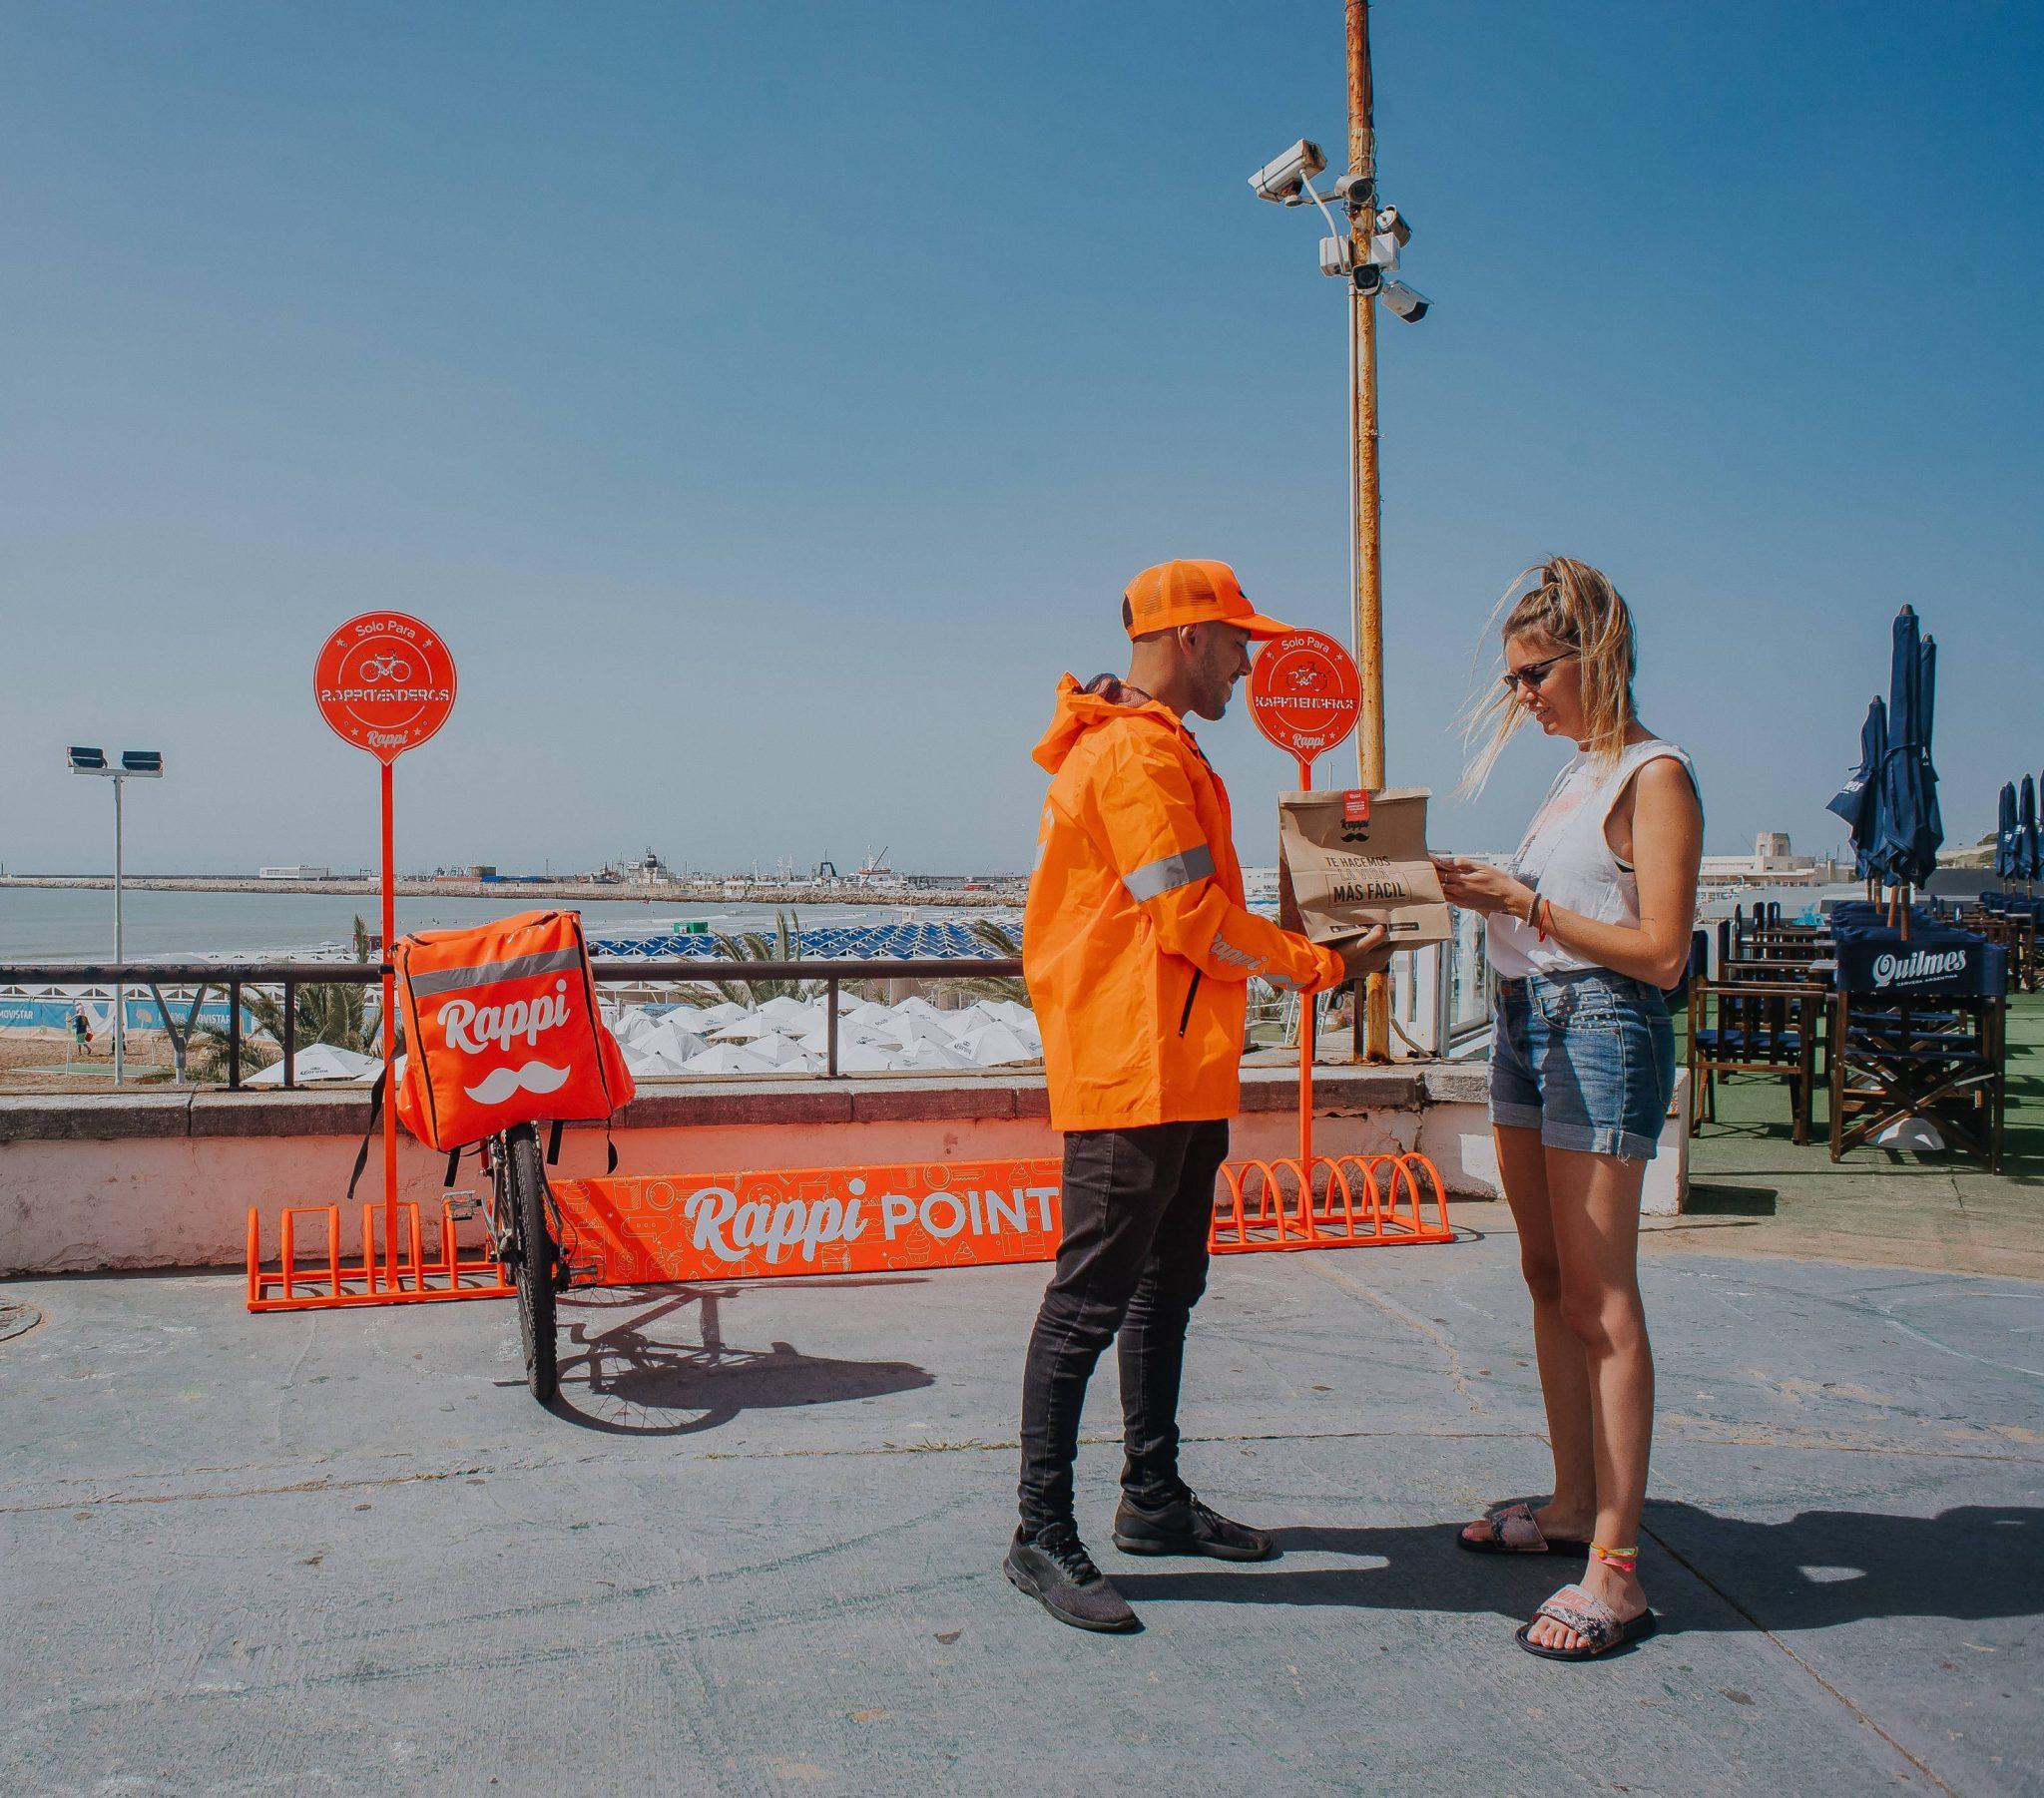 Delivery: Preservativos, test de embarazos, cartas y entradas de cine, entre los pedidos en la costa